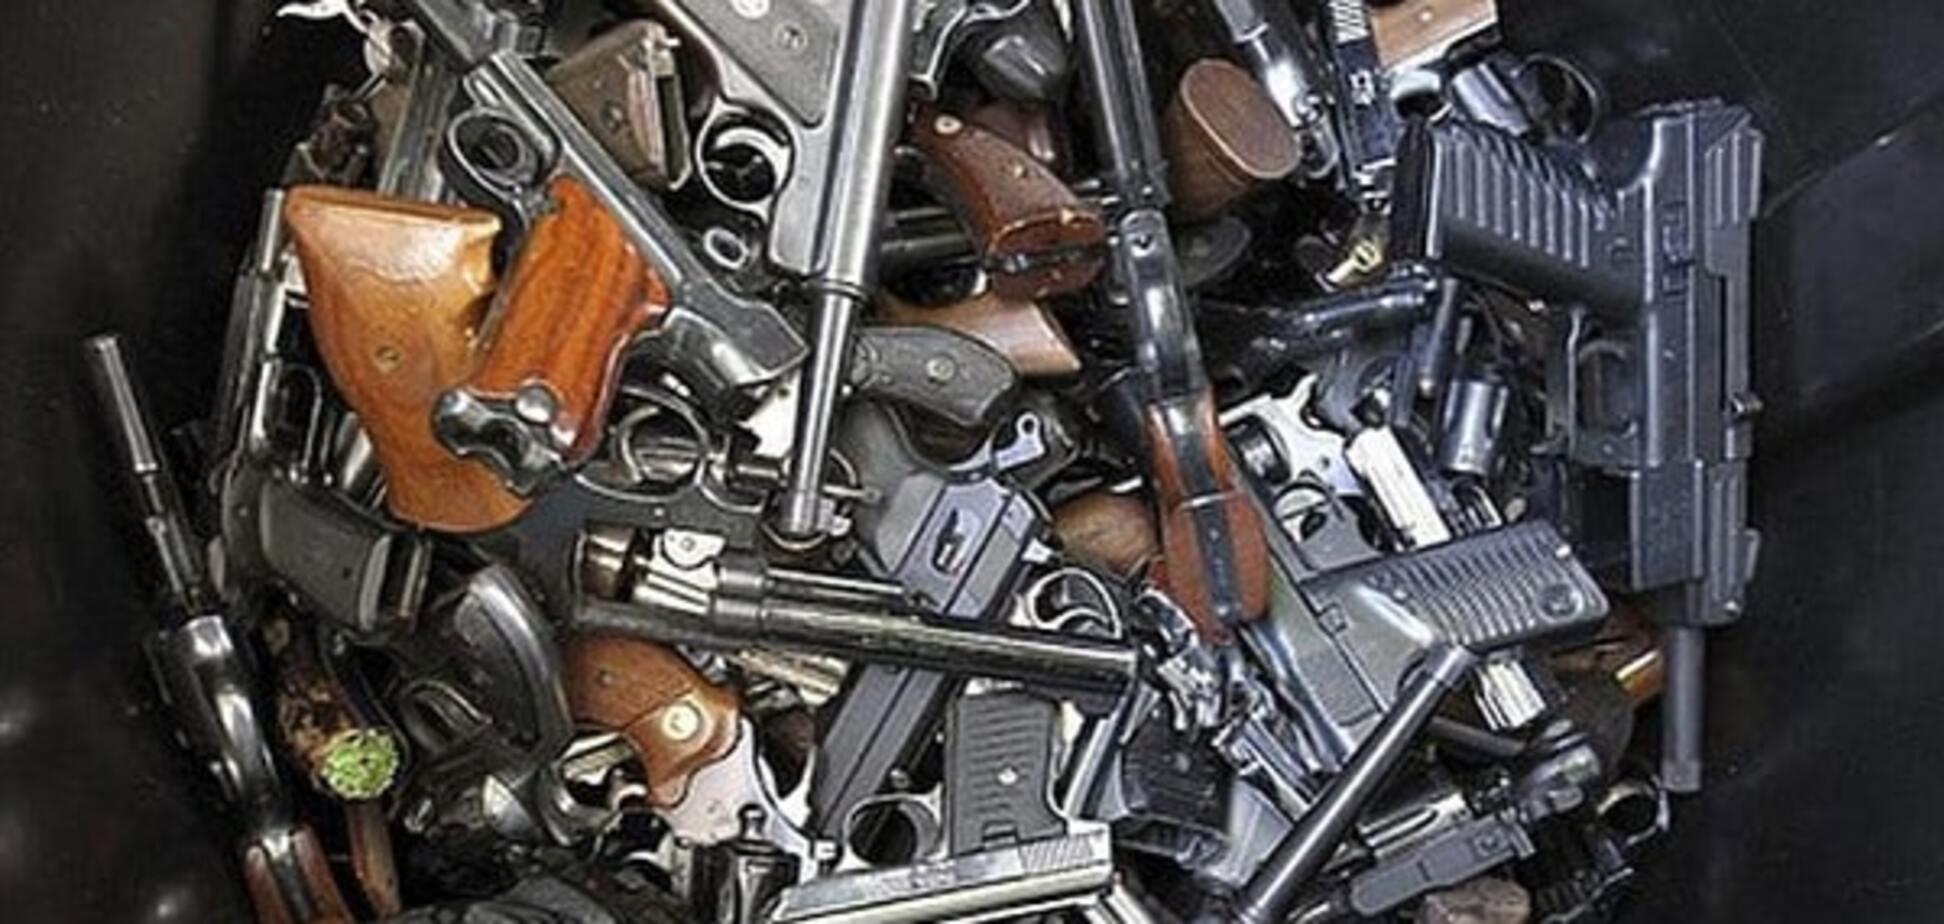 Контрабанда оружия в Украине